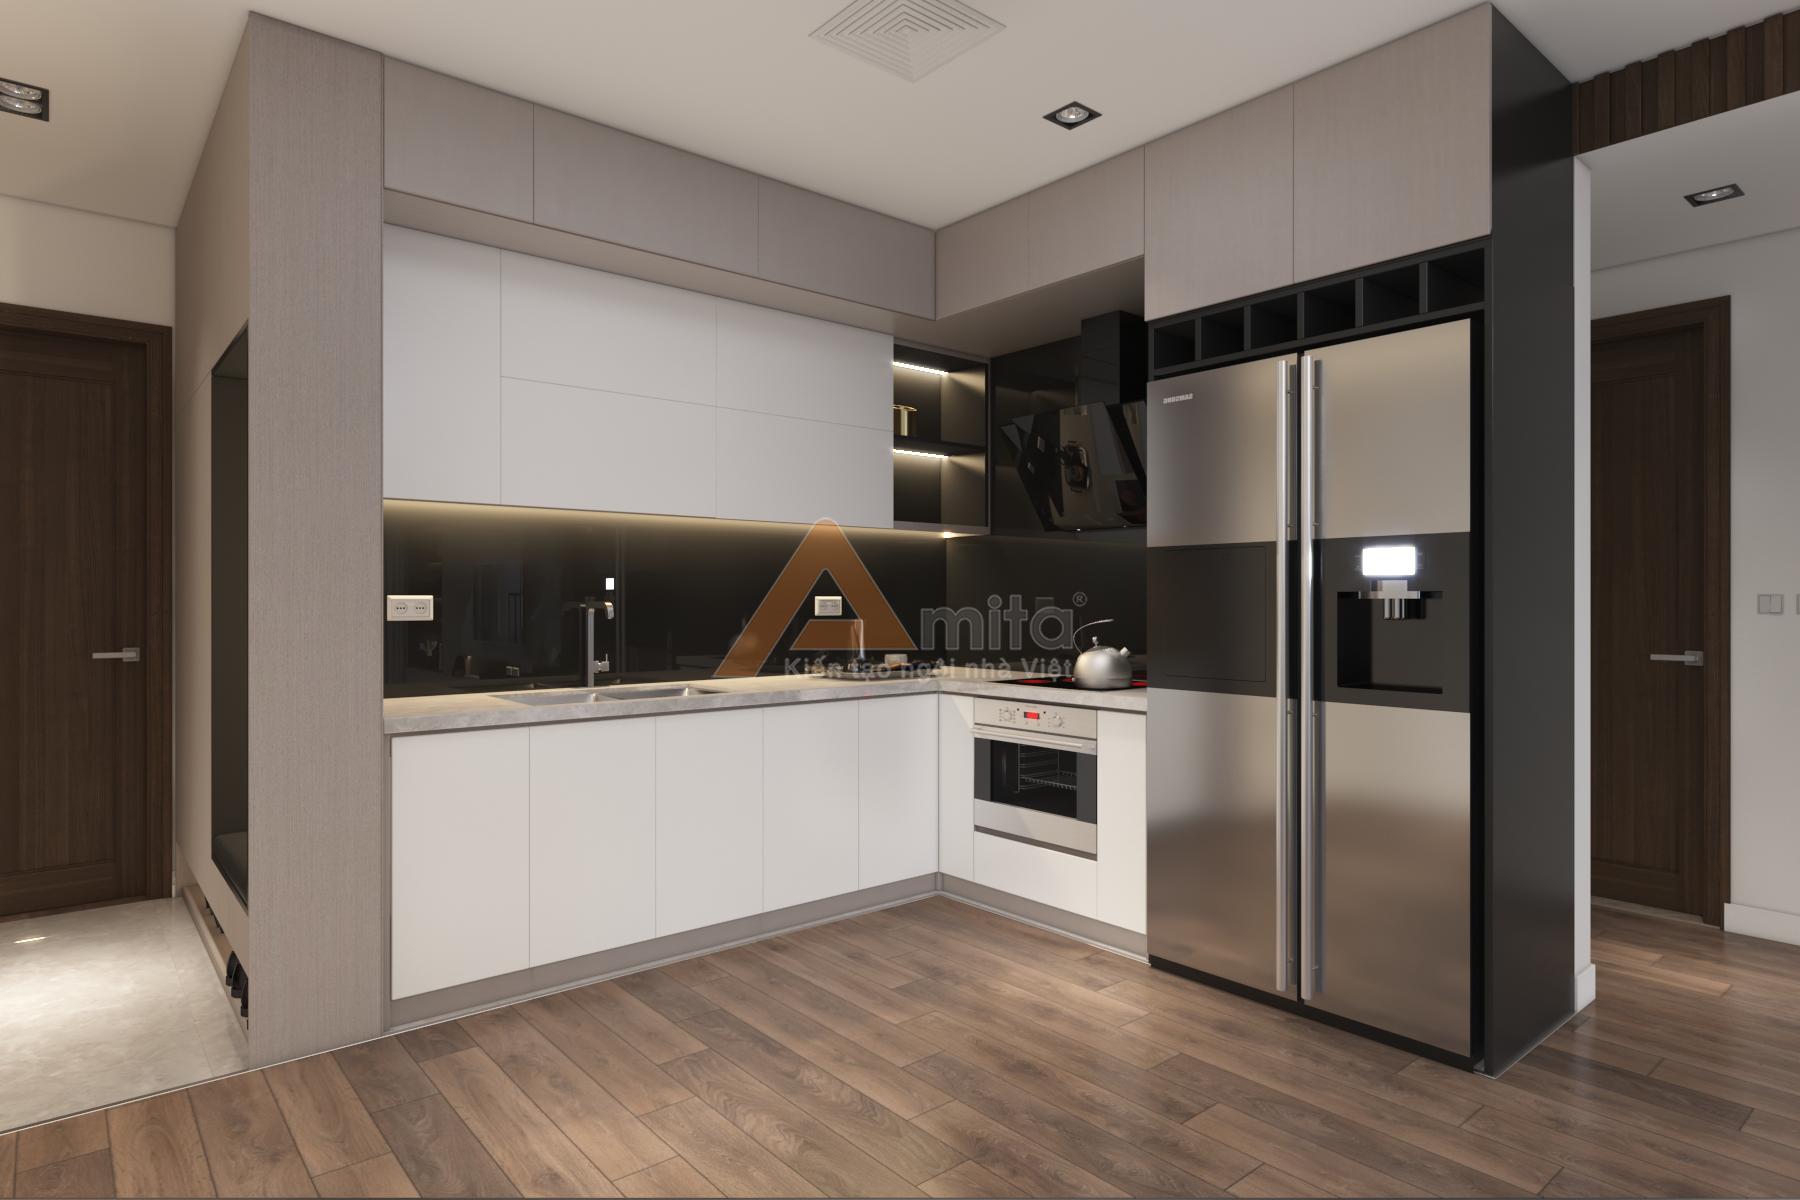 thiết kế nội thất chung cư tại Hà Nội Chung cư New Skyline - Văn Quán 7 1572341530